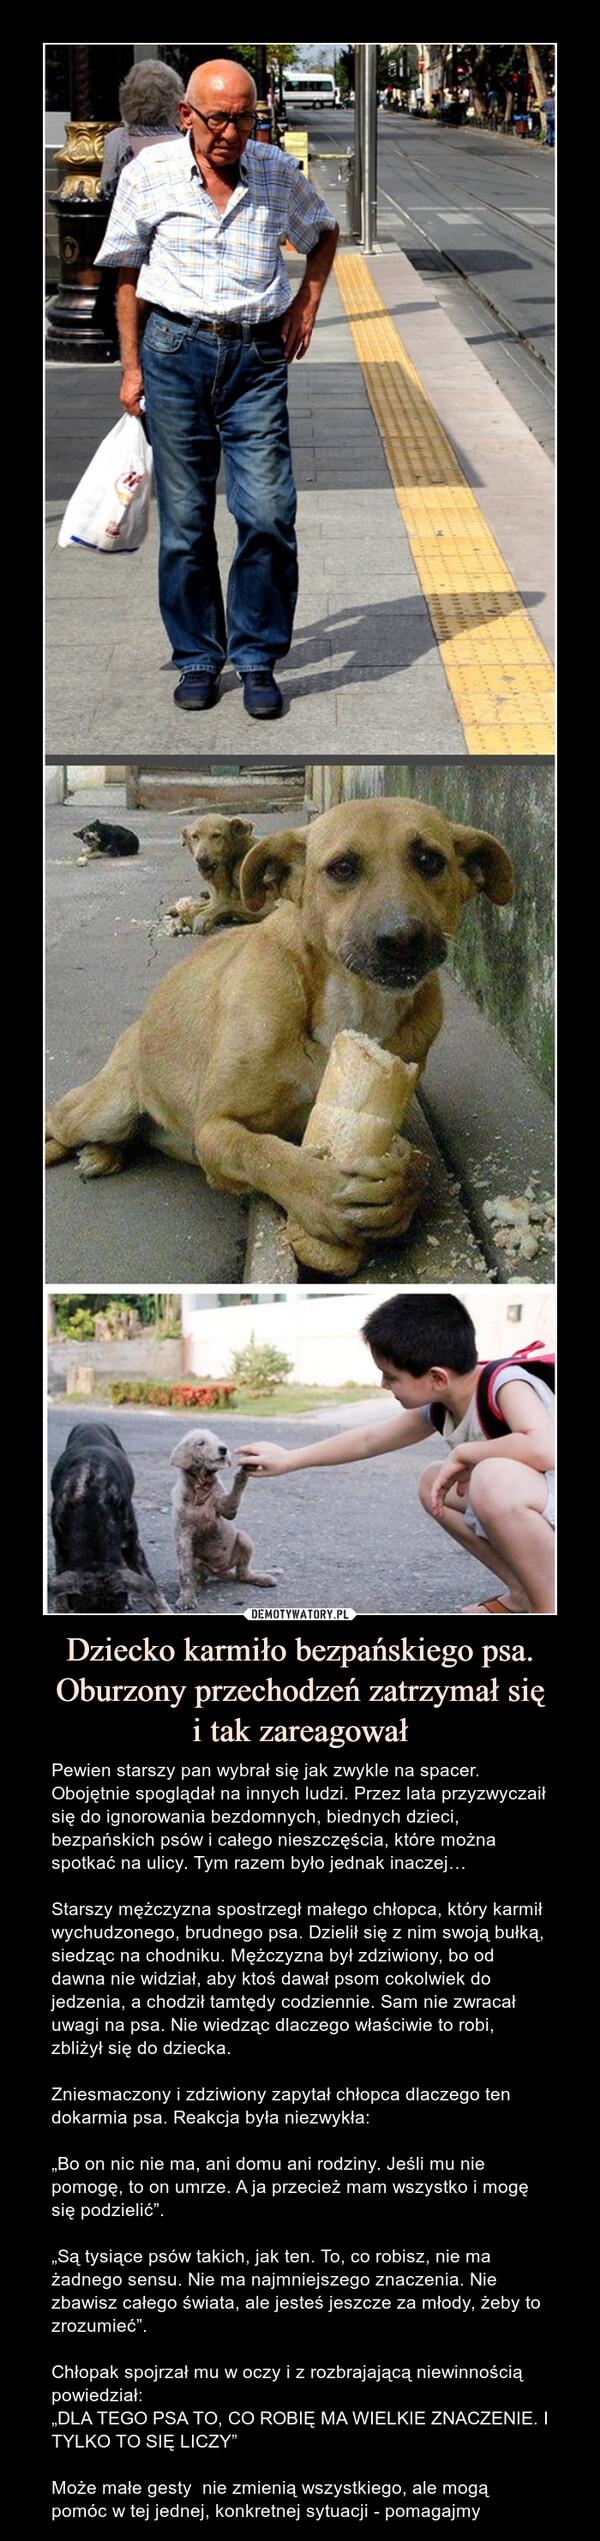 """Dziecko karmiło bezpańskiego psa.Oburzony przechodzeń zatrzymał sięi tak zareagował – Pewien starszy pan wybrał się jak zwykle na spacer. Obojętnie spoglądał na innych ludzi. Przez lata przyzwyczaił się do ignorowania bezdomnych, biednych dzieci, bezpańskich psów i całego nieszczęścia, które można spotkać na ulicy. Tym razem było jednak inaczej… Starszy mężczyzna spostrzegł małego chłopca, który karmił wychudzonego, brudnego psa. Dzielił się z nim swoją bułką, siedząc na chodniku. Mężczyzna był zdziwiony, bo od dawna nie widział, aby ktoś dawał psom cokolwiek do jedzenia, a chodził tamtędy codziennie. Sam nie zwracał uwagi na psa. Nie wiedząc dlaczego właściwie to robi, zbliżył się do dziecka. Zniesmaczony i zdziwiony zapytał chłopca dlaczego ten dokarmia psa. Reakcja była niezwykła:""""Bo on nic nie ma, ani domu ani rodziny. Jeśli mu nie pomogę, to on umrze. A ja przecież mam wszystko i mogę się podzielić"""".""""Są tysiące psów takich, jak ten. To, co robisz, nie ma żadnego sensu. Nie ma najmniejszego znaczenia. Nie zbawisz całego świata, ale jesteś jeszcze za młody, żeby to zrozumieć"""".Chłopak spojrzał mu w oczy i z rozbrajającą niewinnością powiedział:""""DLA TEGO PSA TO, CO ROBIĘ MA WIELKIE ZNACZENIE. I TYLKO TO SIĘ LICZY""""Może małe gesty  nie zmienią wszystkiego, ale mogą pomóc w tej jednej, konkretnej sytuacji - pomagajmy Pewien starszy pan wybrał się jak zwykle na spacer. Obojętnie spoglądał na innych ludzi. Przez lata przyzwyczaił się do ignorowania bezdomnych, biednych dzieci, bezpańskich psów i całego nieszczęścia, które można spotkać na ulicy. Tym razem było jednak inaczej… Starszy mężczyzna spostrzegł małego chłopca, który karmił wychudzonego, brudnego psa. Dzielił się z nim swoją bułką, siedząc na chodniku. Mężczyzna był zdziwiony, bo od dawna nie widział, aby ktoś dawał psom cokolwiek do jedzenia, a chodził tamtędy codziennie. Sam nie zwracał uwagi na psa. Nie wiedząc dlaczego właściwie to robi, zbliżył się do dziecka. Zniesmaczony i zdziwiony zapytał chłopca dlacz"""